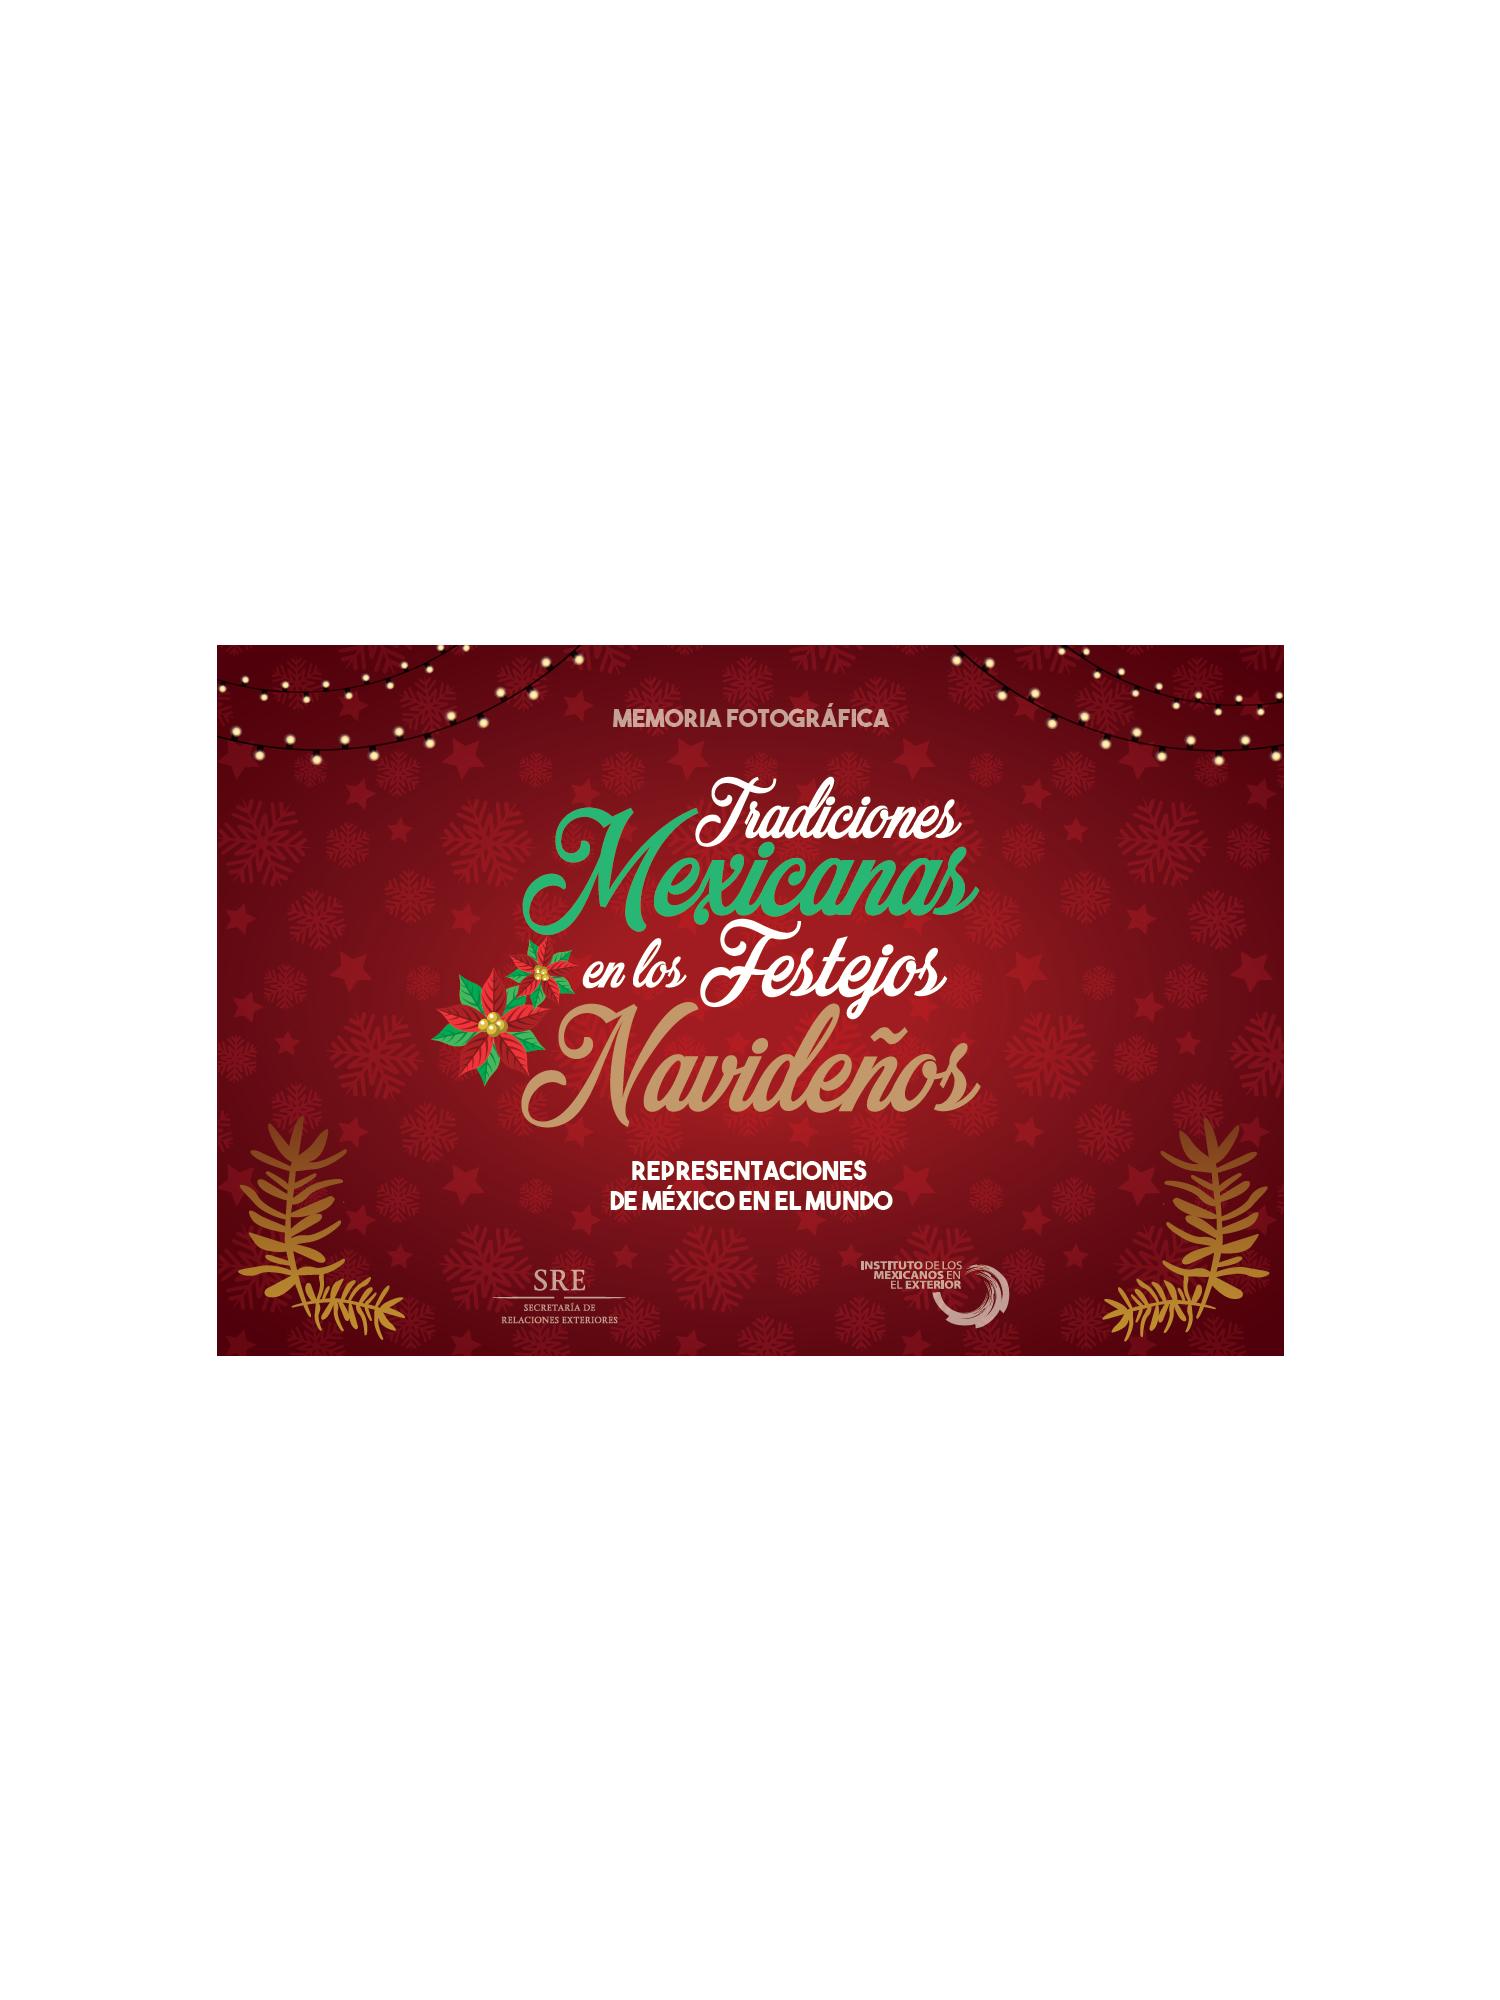 Tradiciones Mexicanas en los Festejos Navideños